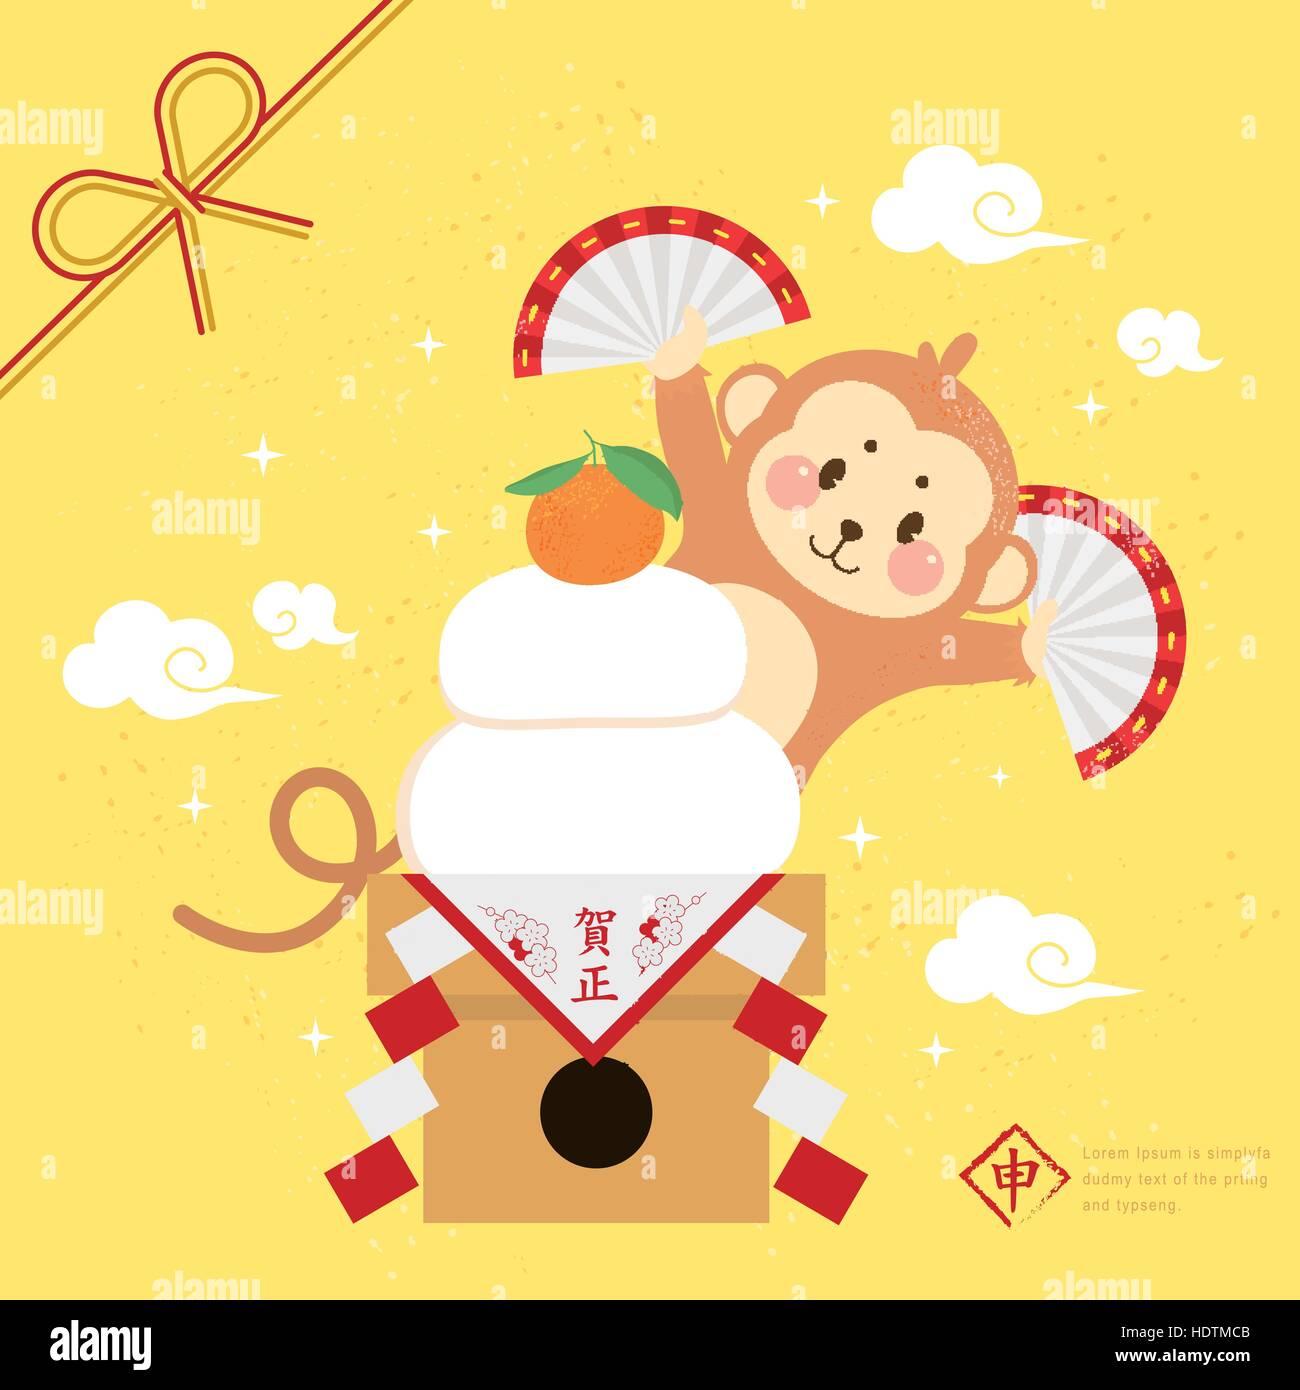 schöne japanische Neujahr-Poster-Design - Neujahrsgrüße in ...